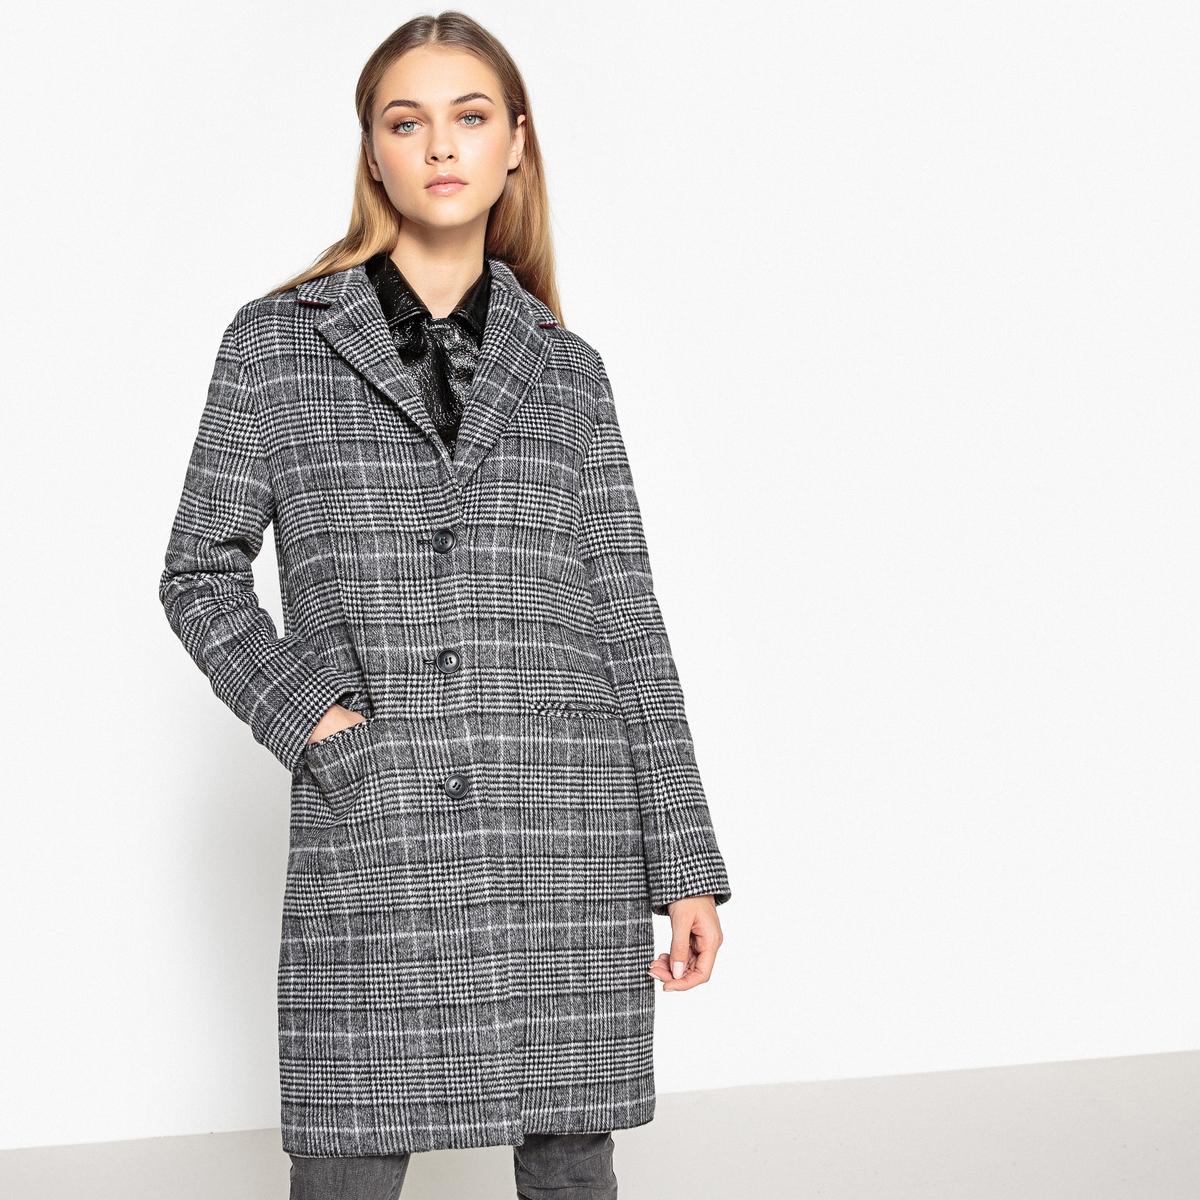 Пальто в клетку 40% шерстиОчень модный мужской покрой, теплое и удобное зимнее пальто . Симпатичный принт в клетку, придающий элегантность .Детали •  Длина : средняя •   V-образный вырез •  Рисунок-принт • Застежка на пуговицыСостав и уход •  40% шерсти, 5% других волокон, 55% полиэстера •  Подкладка : 100% полиэстер • Не стирать  •  Любые растворители / не отбеливать   •  Не использовать барабанную сушку   •  Низкая температура глажки •  Длина : 94 см<br><br>Цвет: в клетку<br>Размер: 50 (FR) - 56 (RUS).44 (FR) - 50 (RUS).42 (FR) - 48 (RUS).38 (FR) - 44 (RUS).36 (FR) - 42 (RUS).40 (FR) - 46 (RUS).48 (FR) - 54 (RUS)